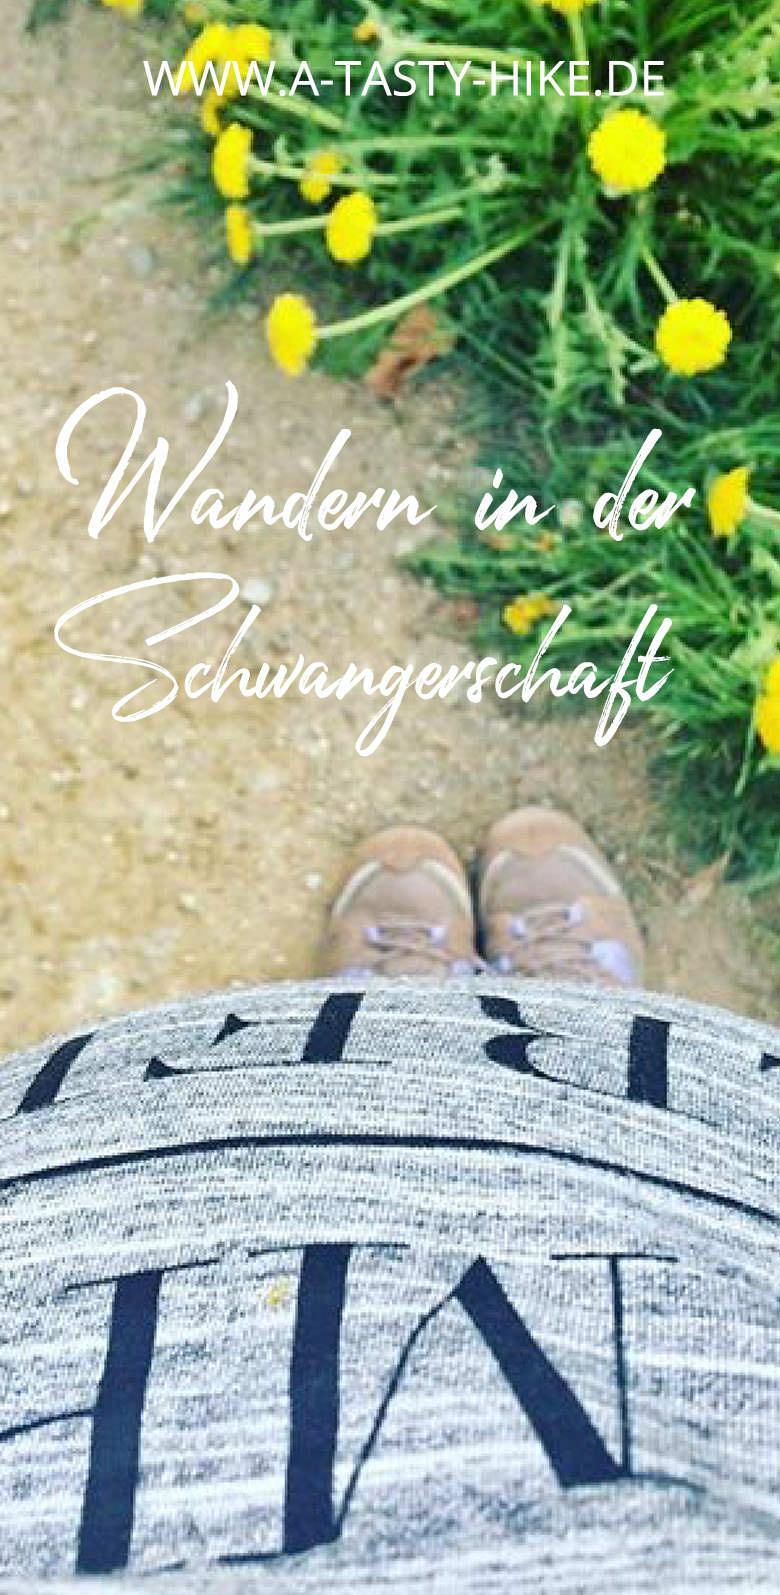 Wandern in der Schwangerschaft